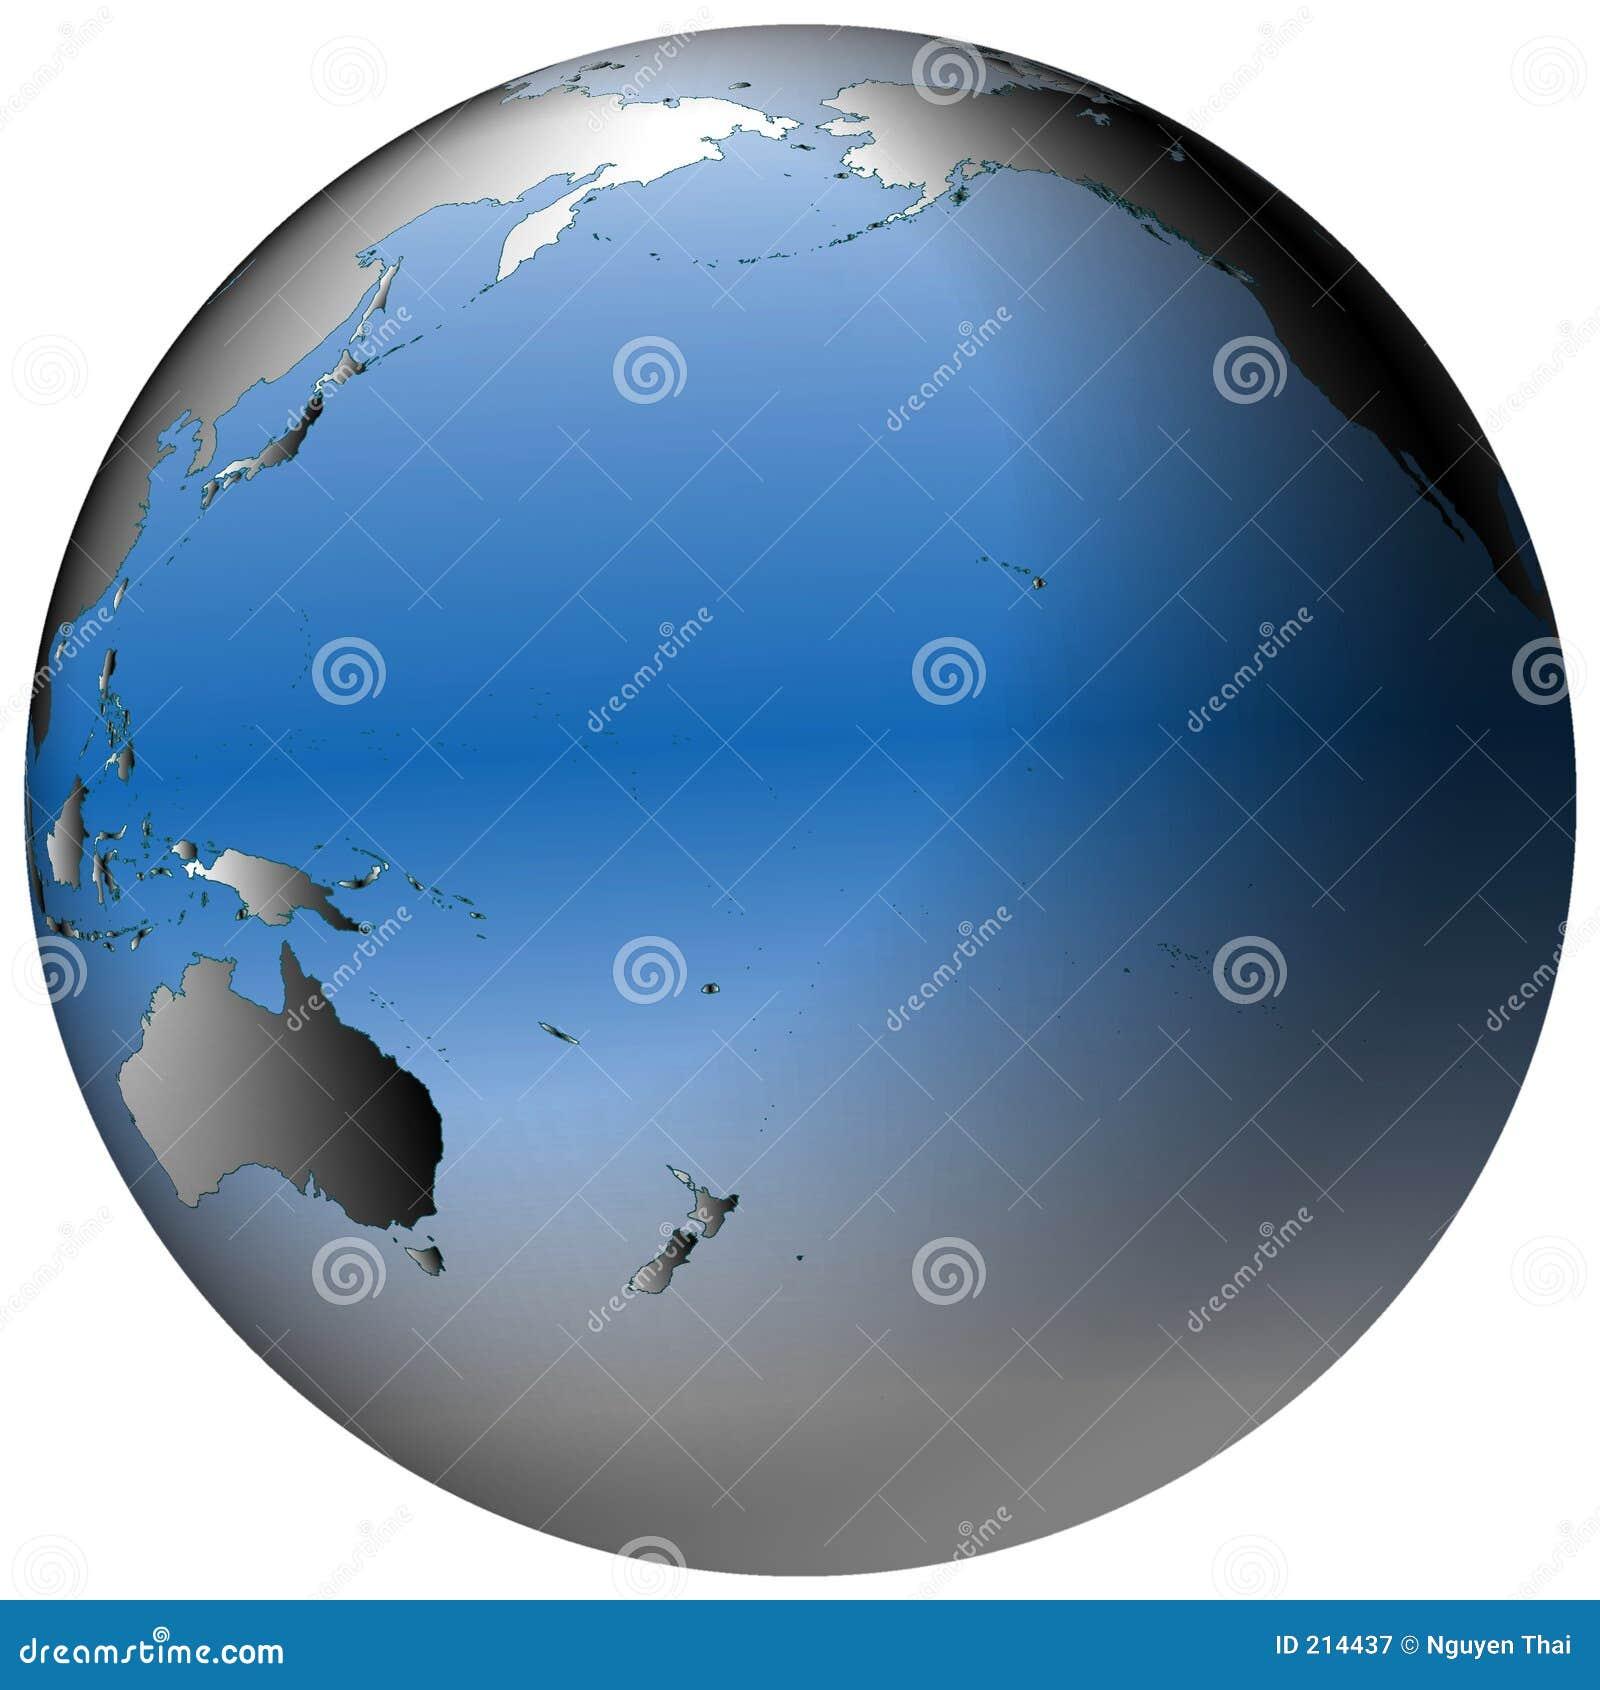 μπλε ειρηνικός σκιασμένος κόσμος ωκεανών σφαιρών